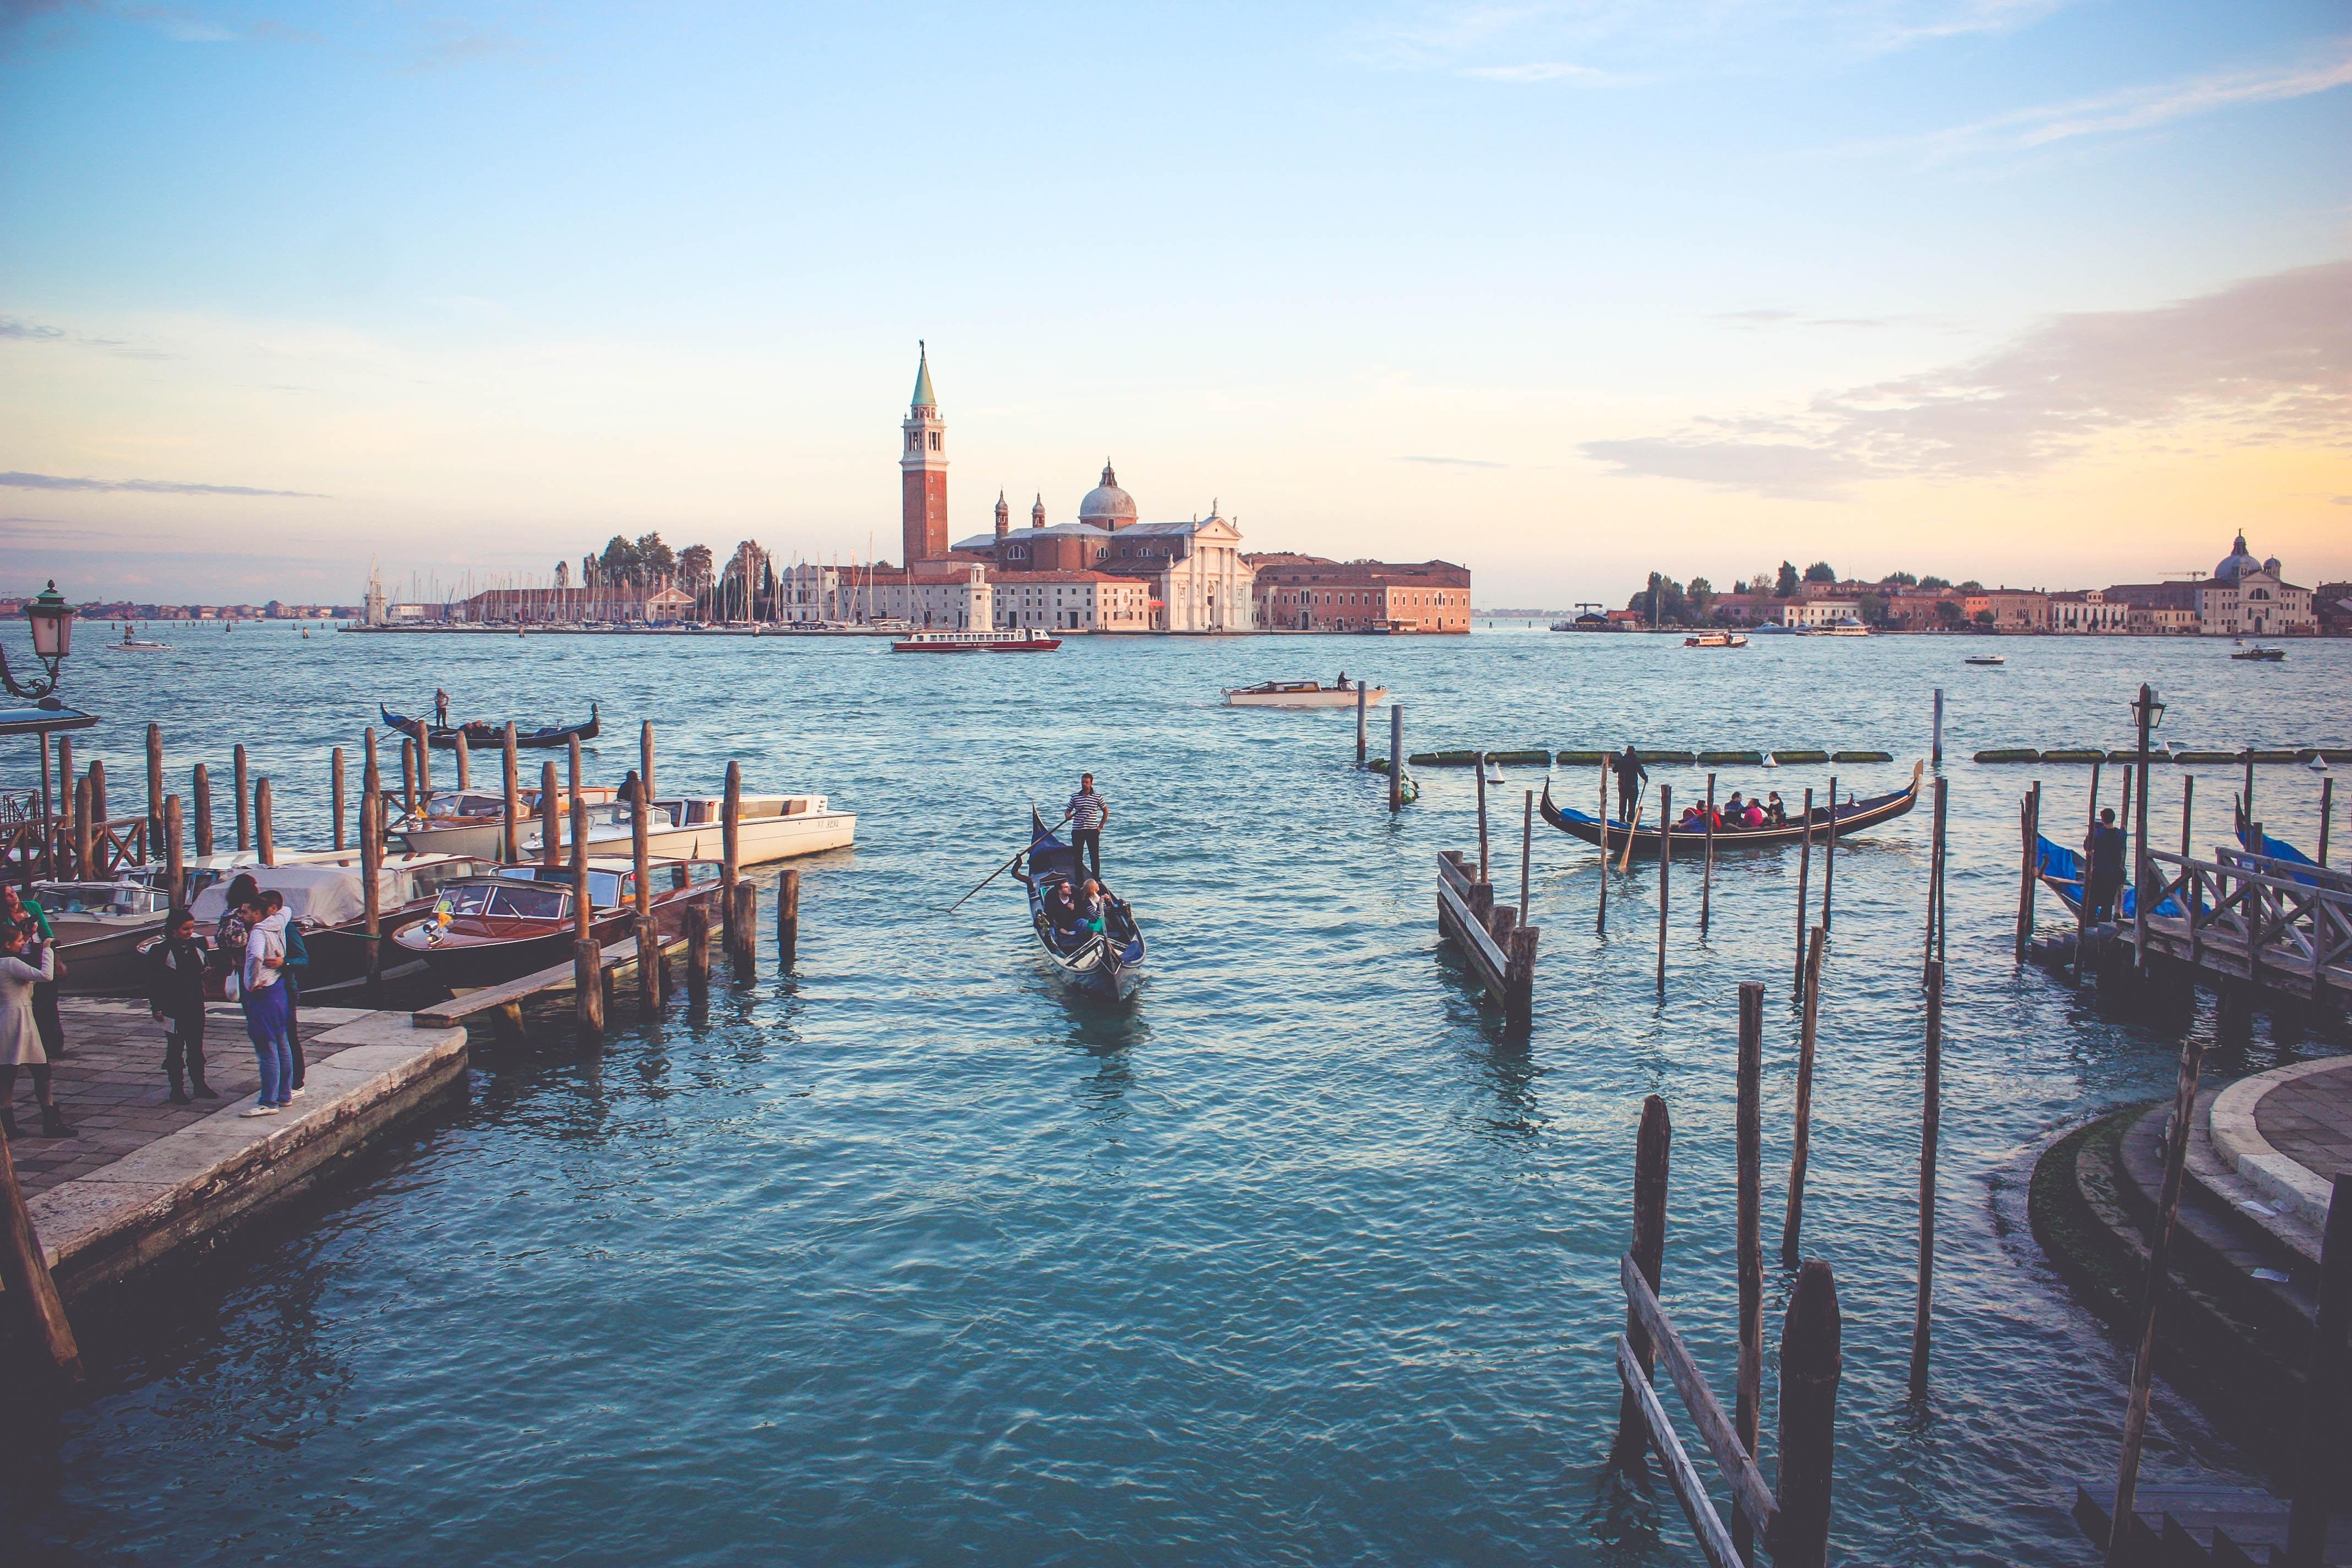 A gondola in Venice.